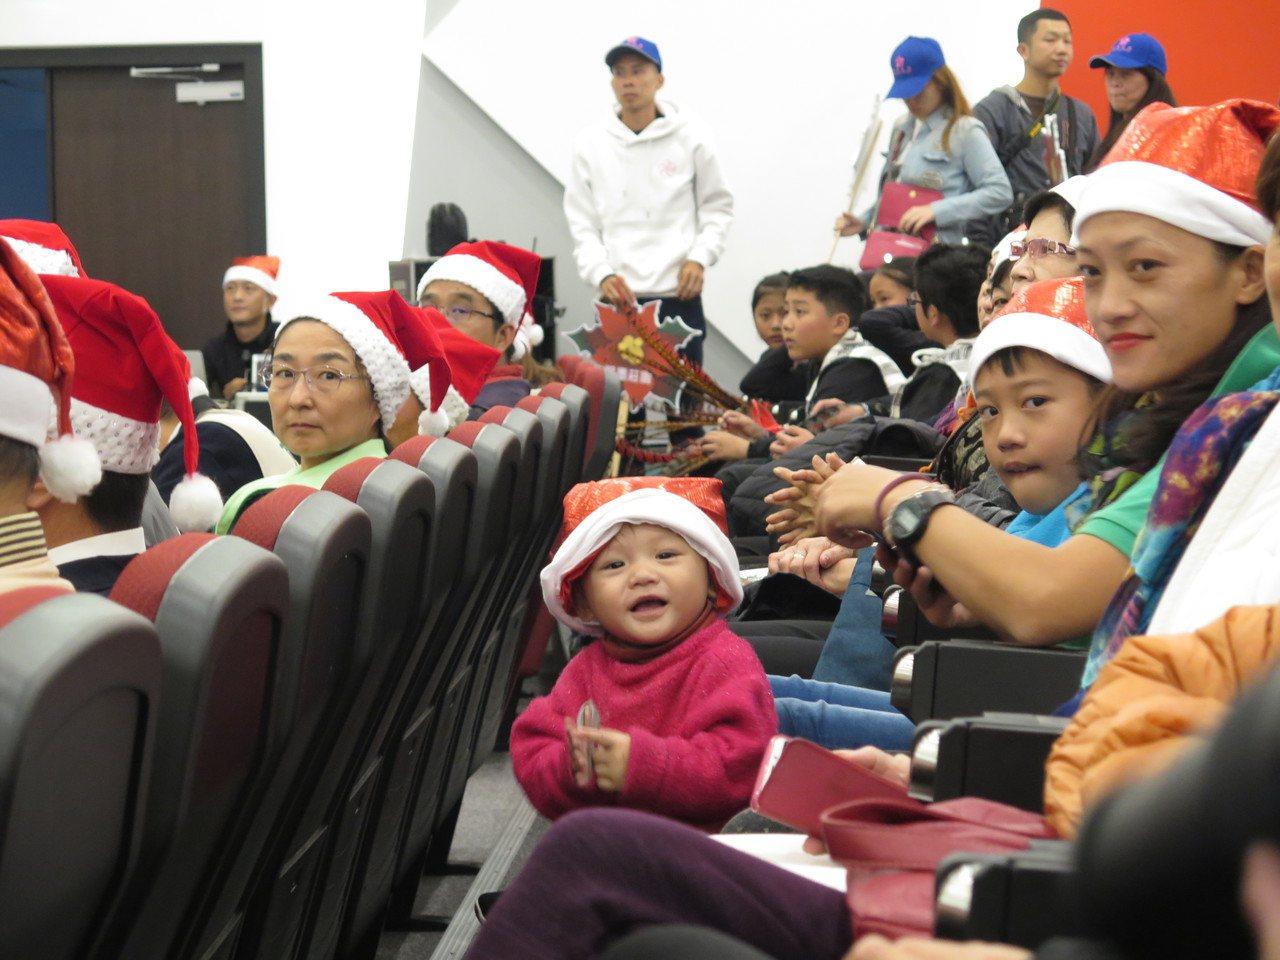 桃園市政府農業局今天在桃園市綜合會議廳辦宣傳活動,為即將開跑的桃園山城聖誕紅花節...